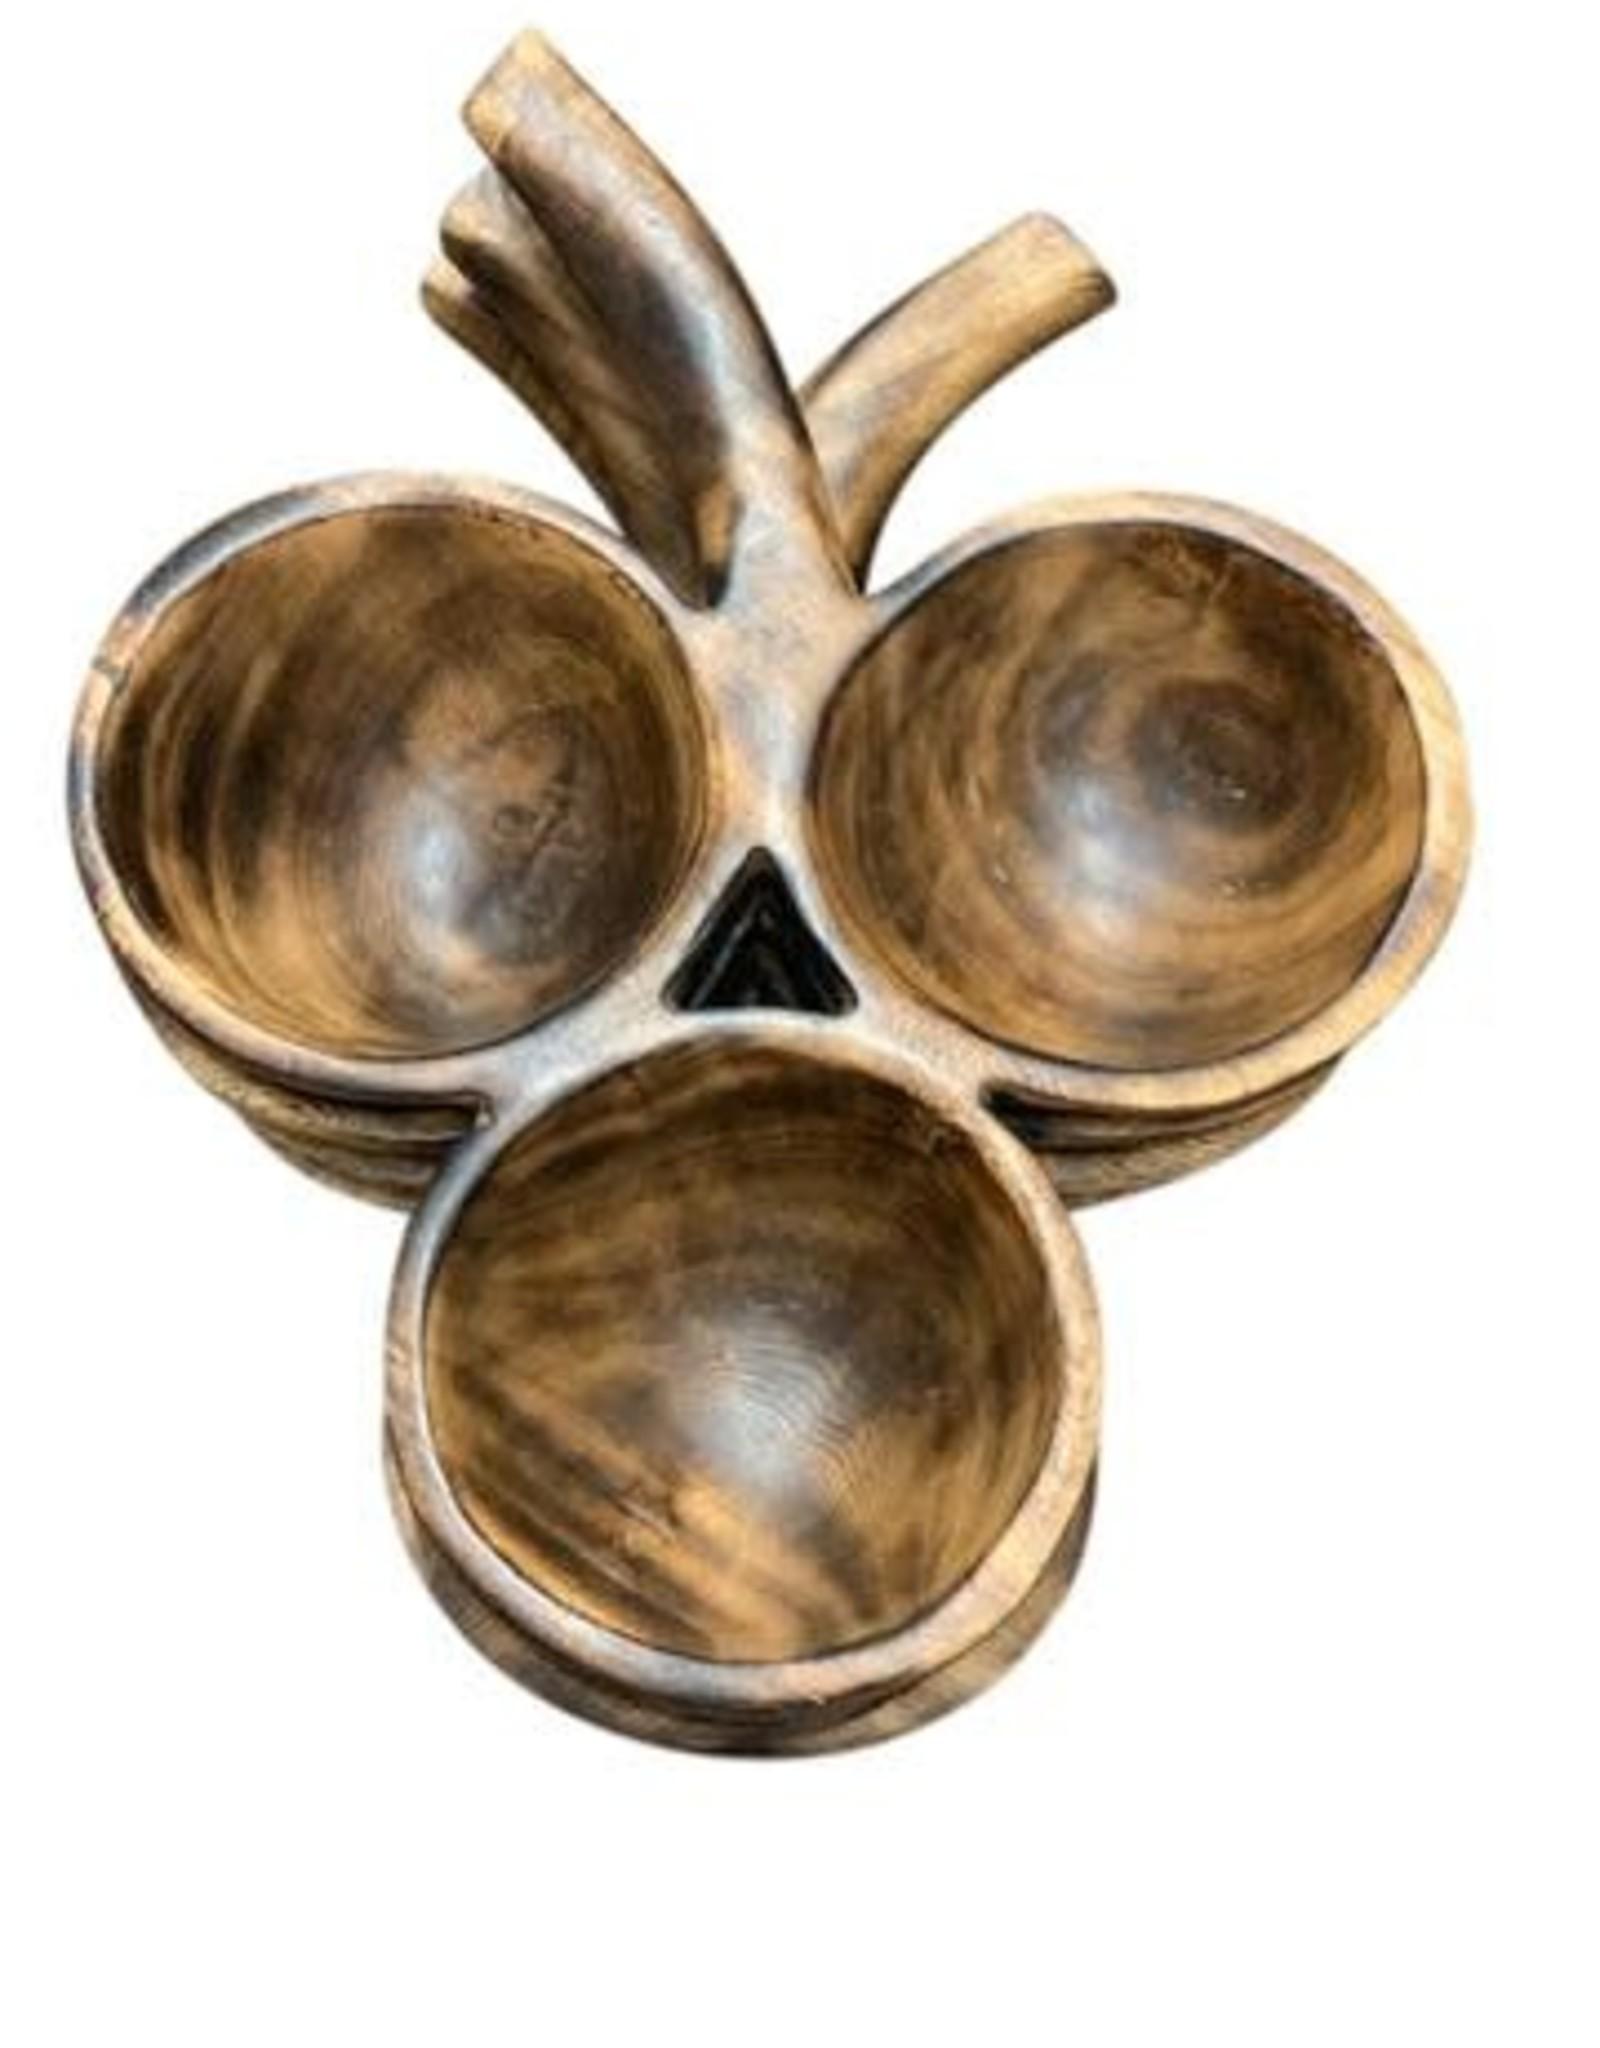 3 in 1 Antipasto Bowl